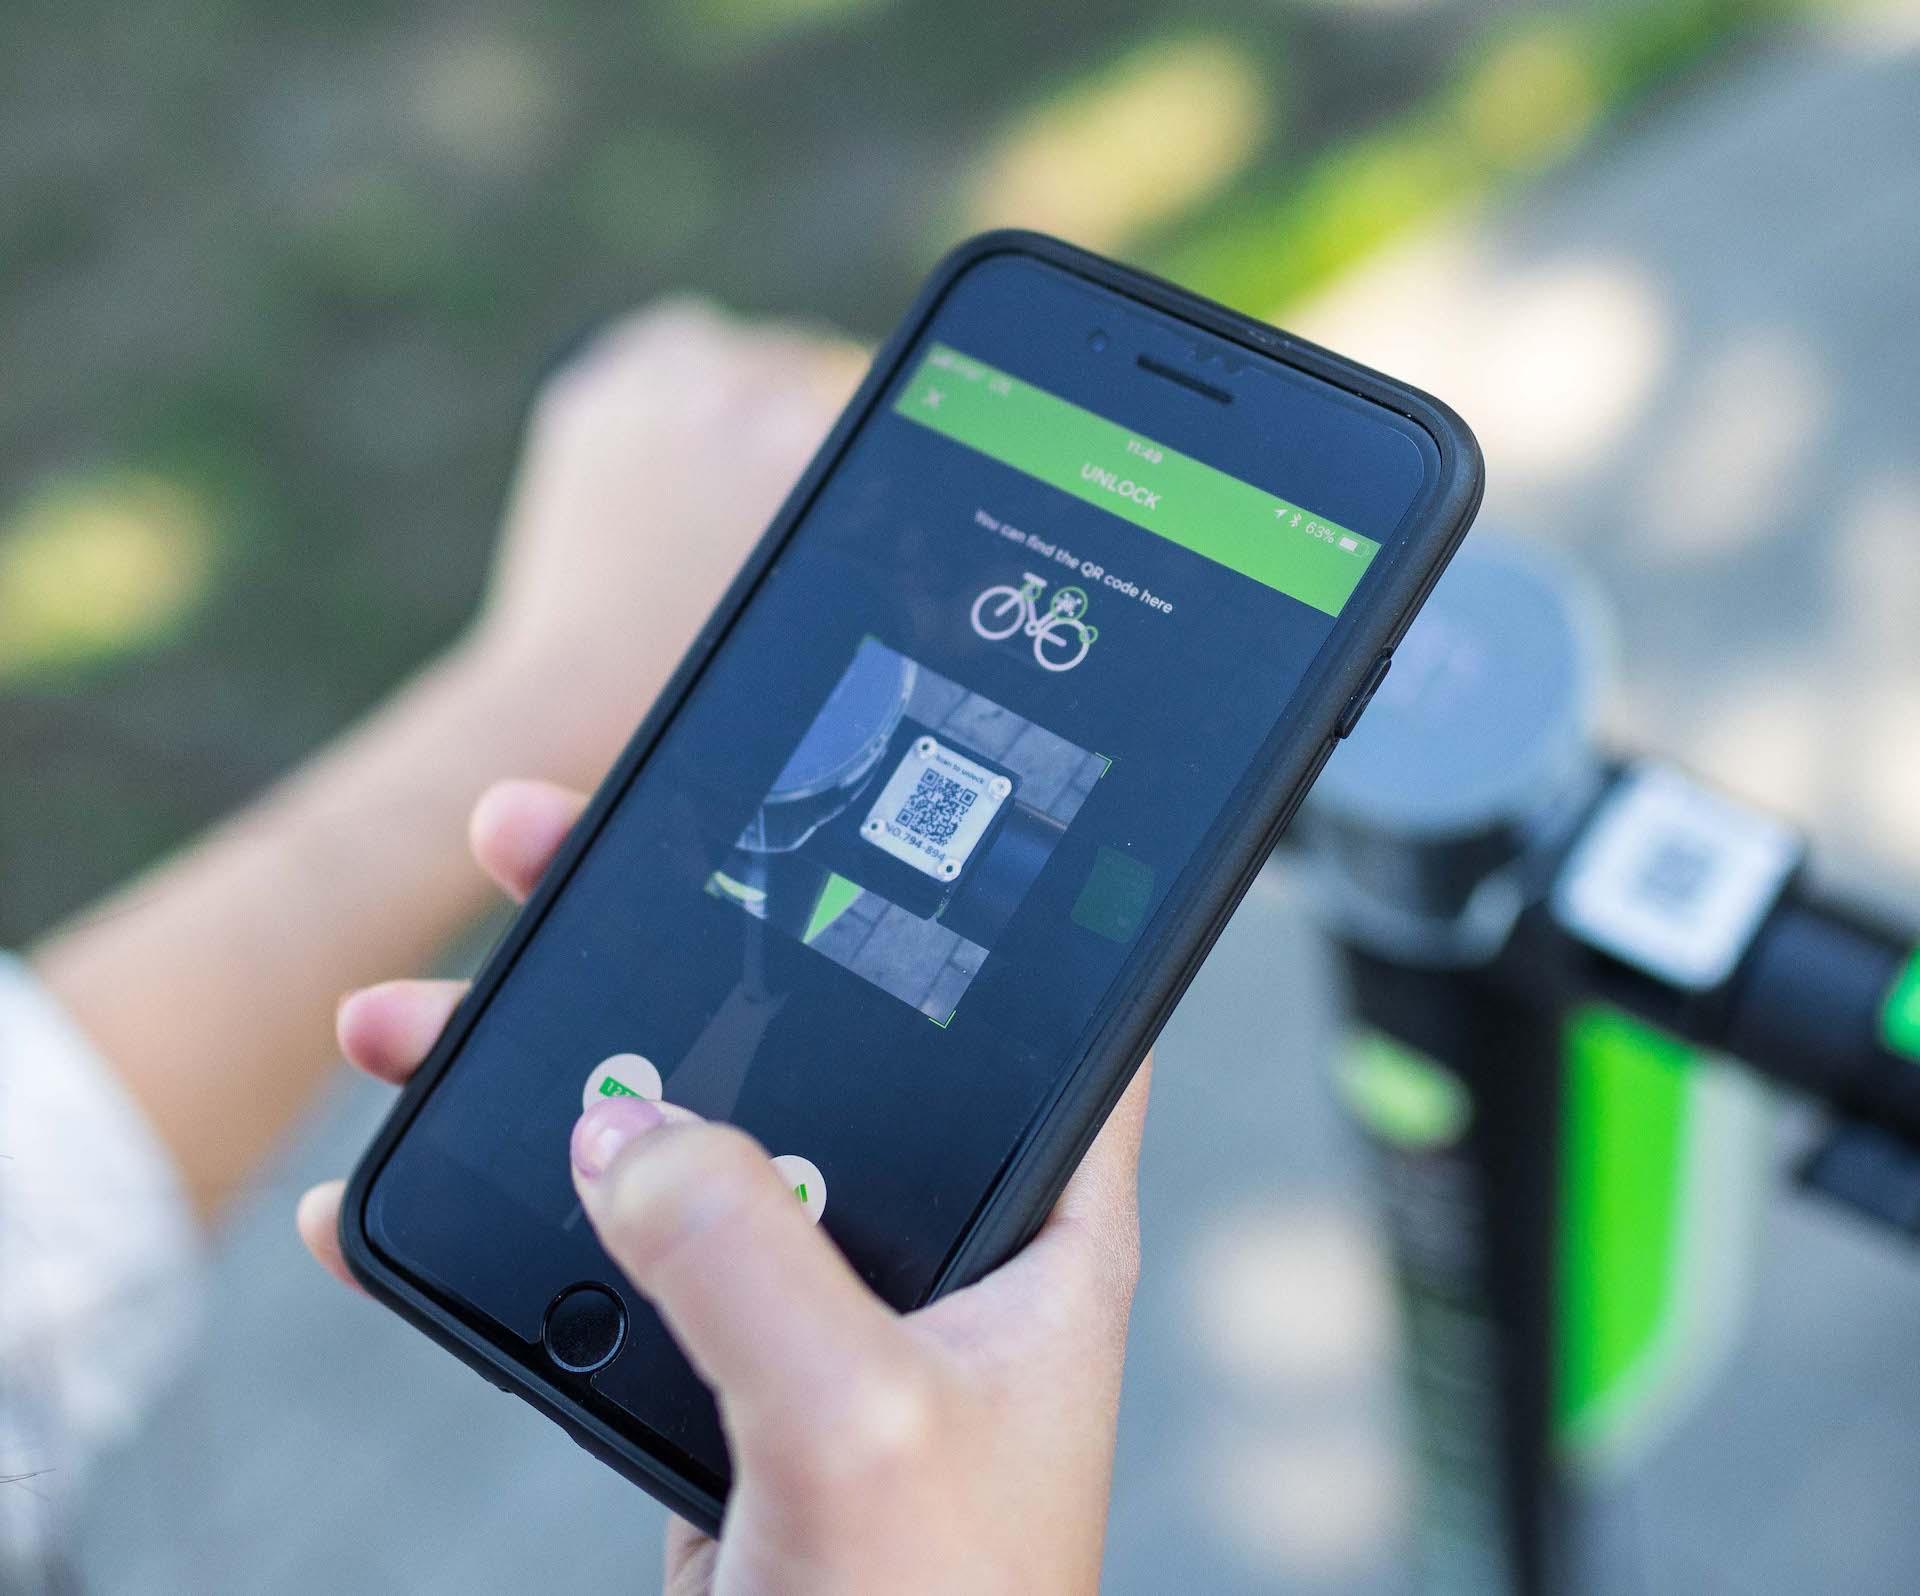 Elektrickou koloběžku Lime snadno odemknete přes mobilní aplikaci